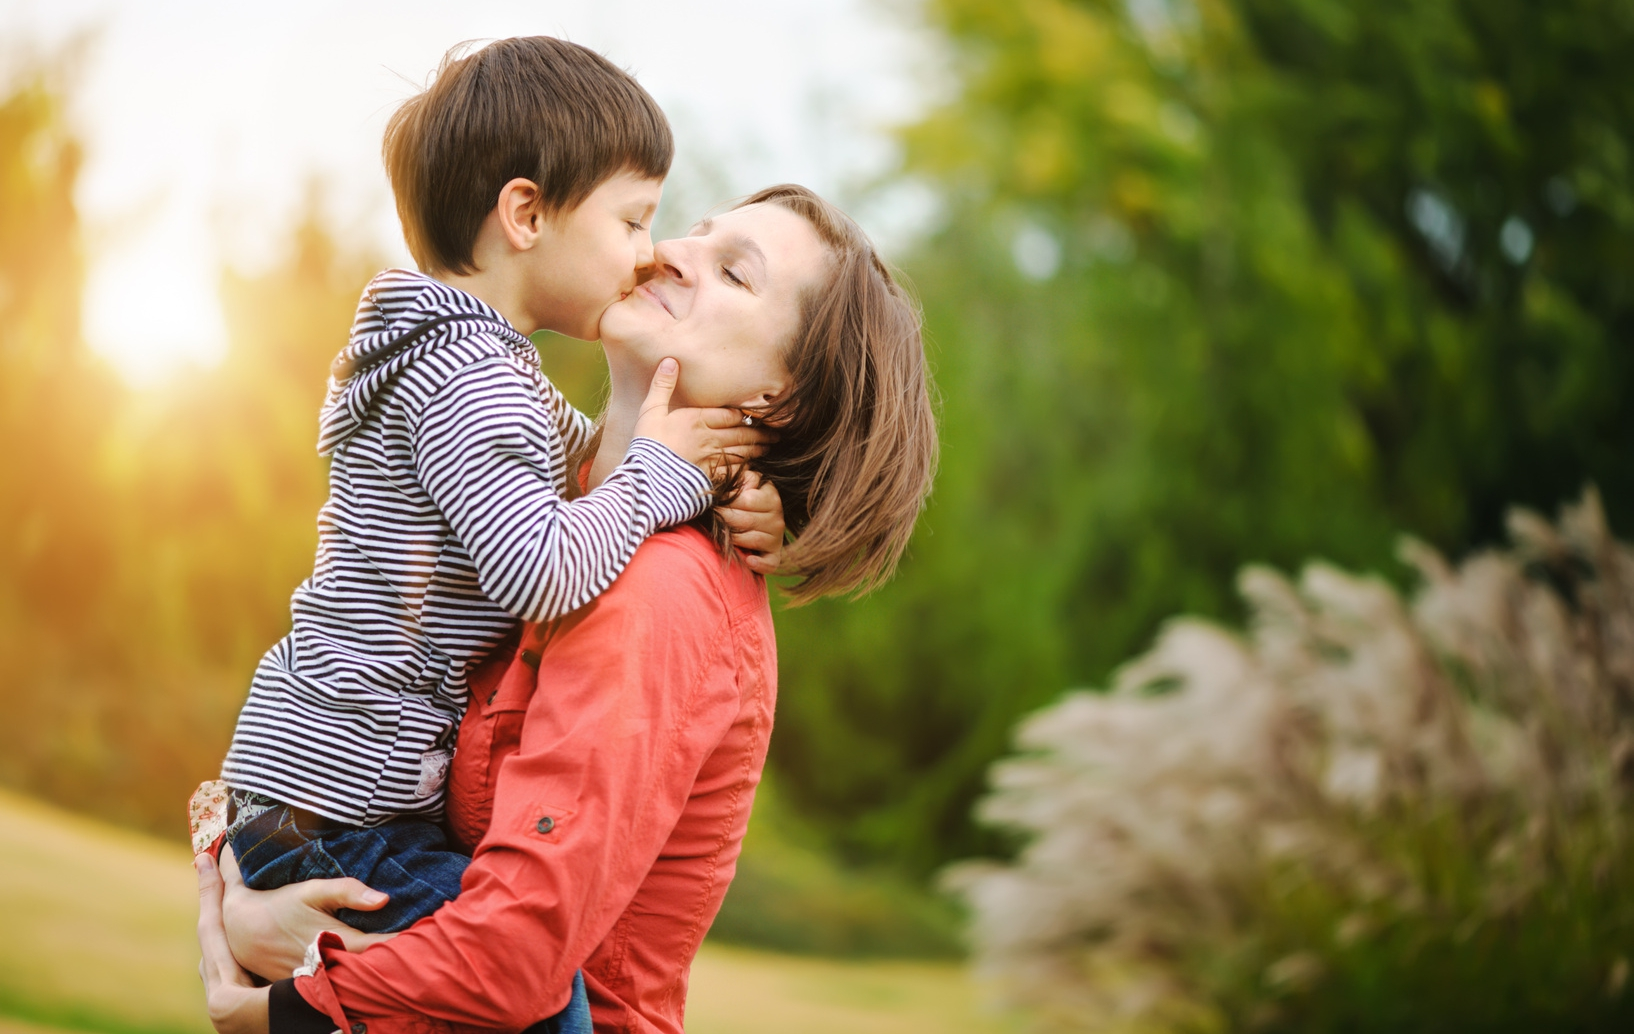 смотреть картинки маму с сыном отзыв, это